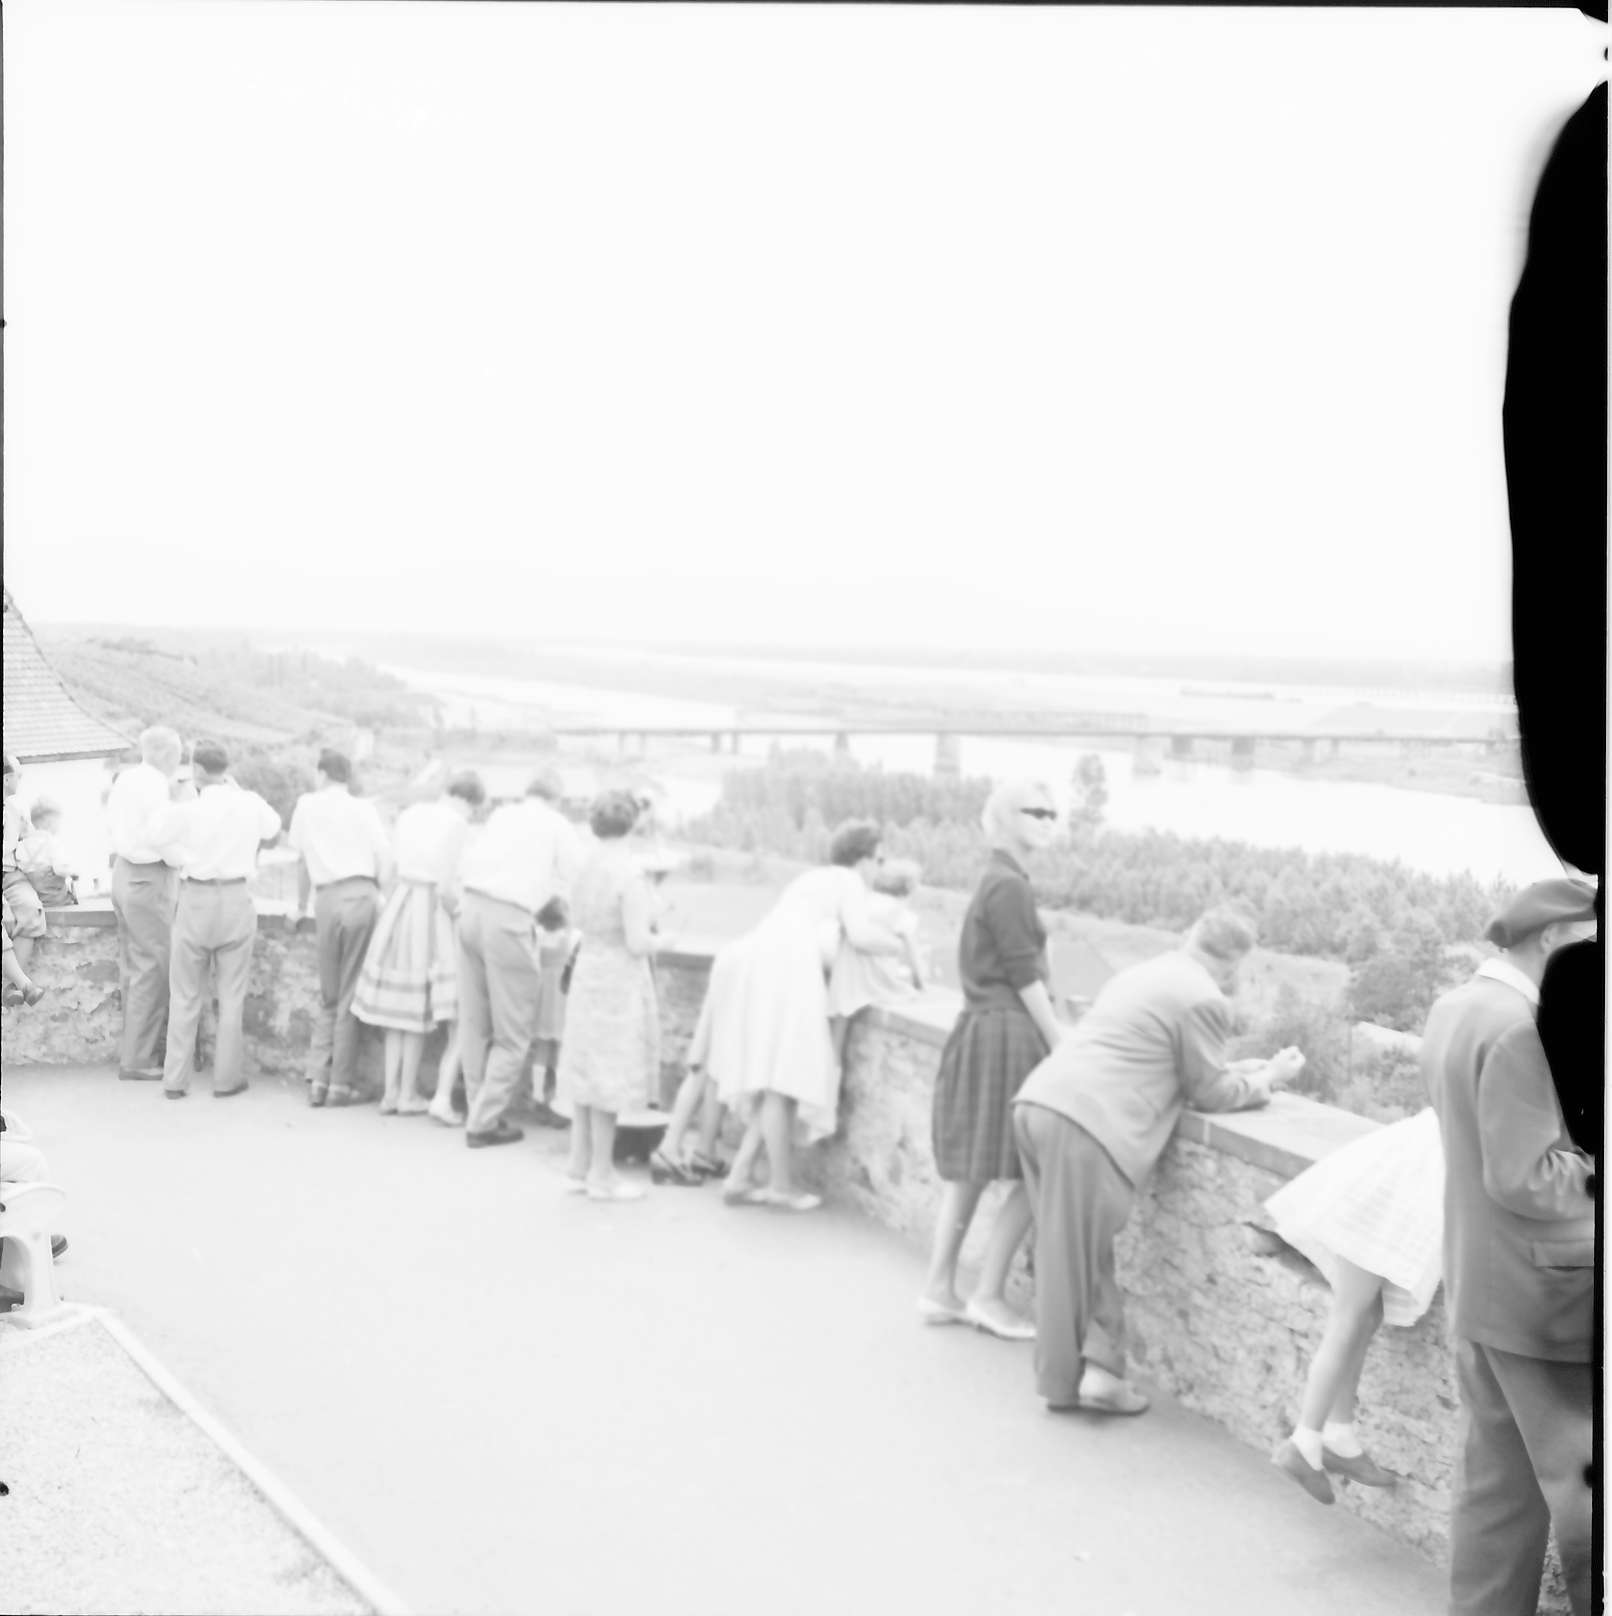 Breisach: Blick vom Münsterplatz zur Rheinbrücke, Vordergrund Publikum, Bild 1